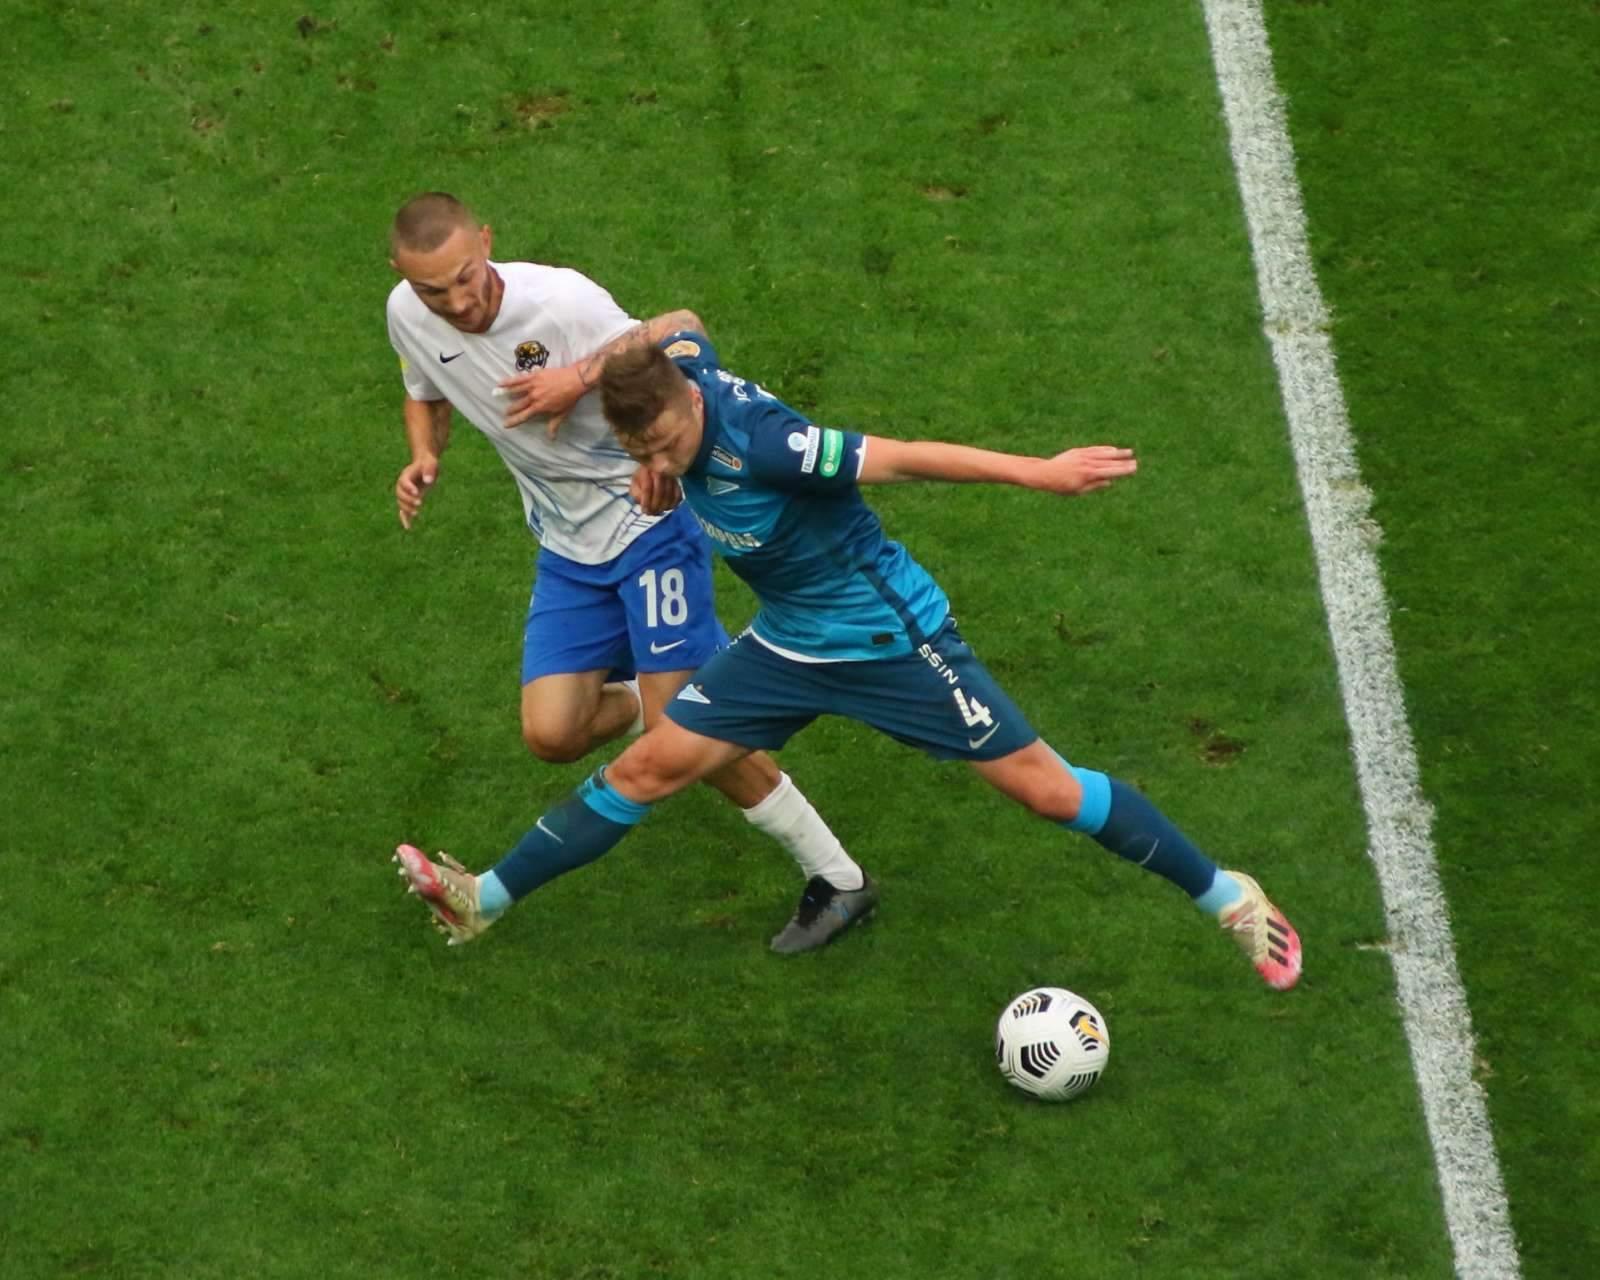 Бурмистров сравнял счёт в матче с ЦСКА, «Сочи» вовсе едва не повёл - видео